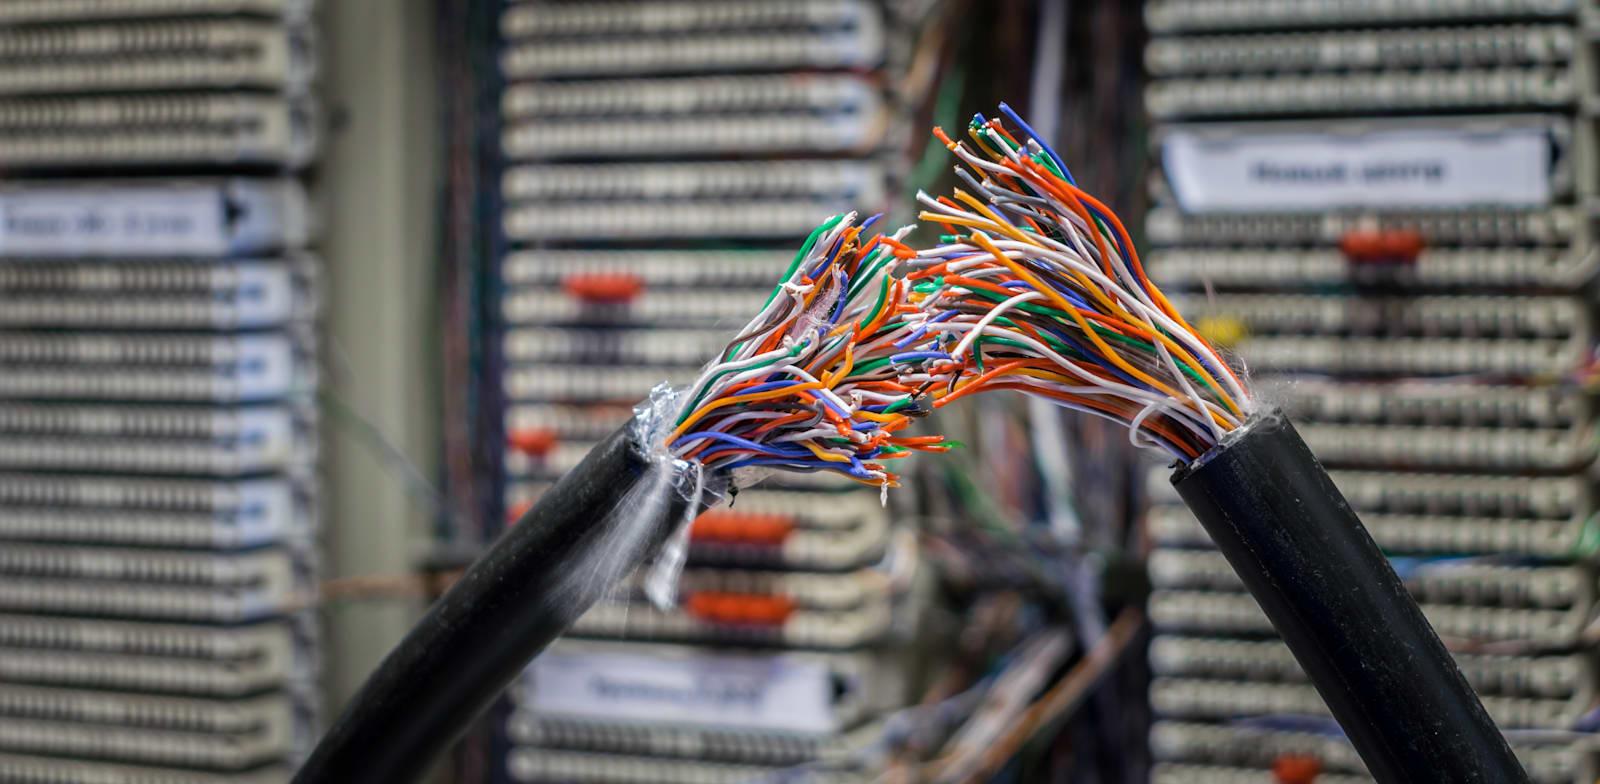 תקלת אינטרנט / צילום: Shutterstock